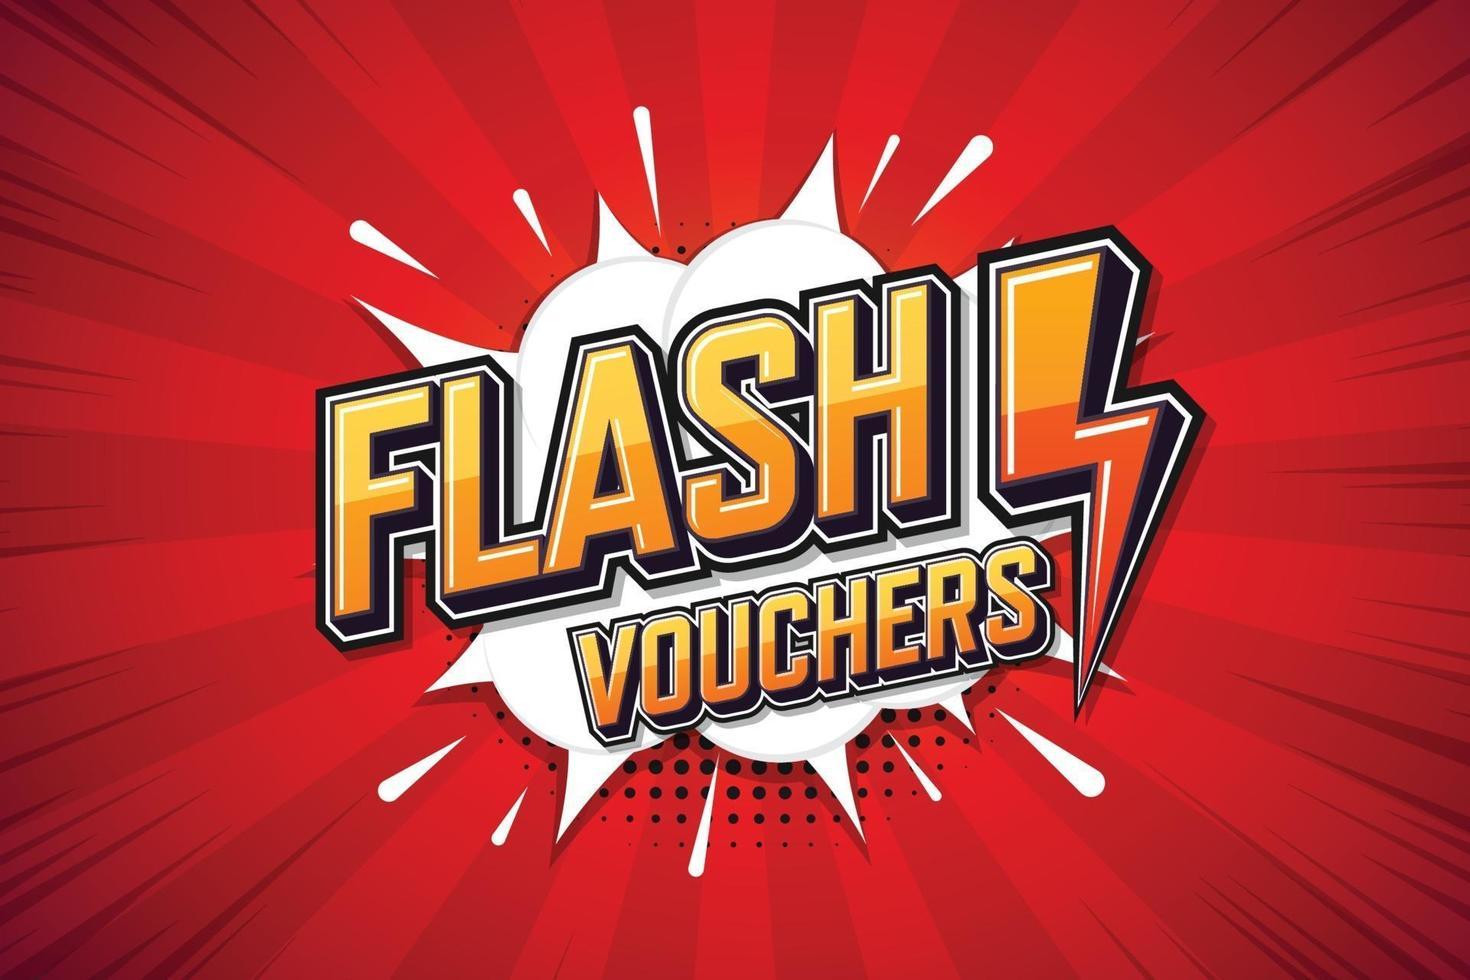 flashkuponger, talaffisch. textkonst online marknadsföringsdesign. uttryck popkonst pratbubbla vektor